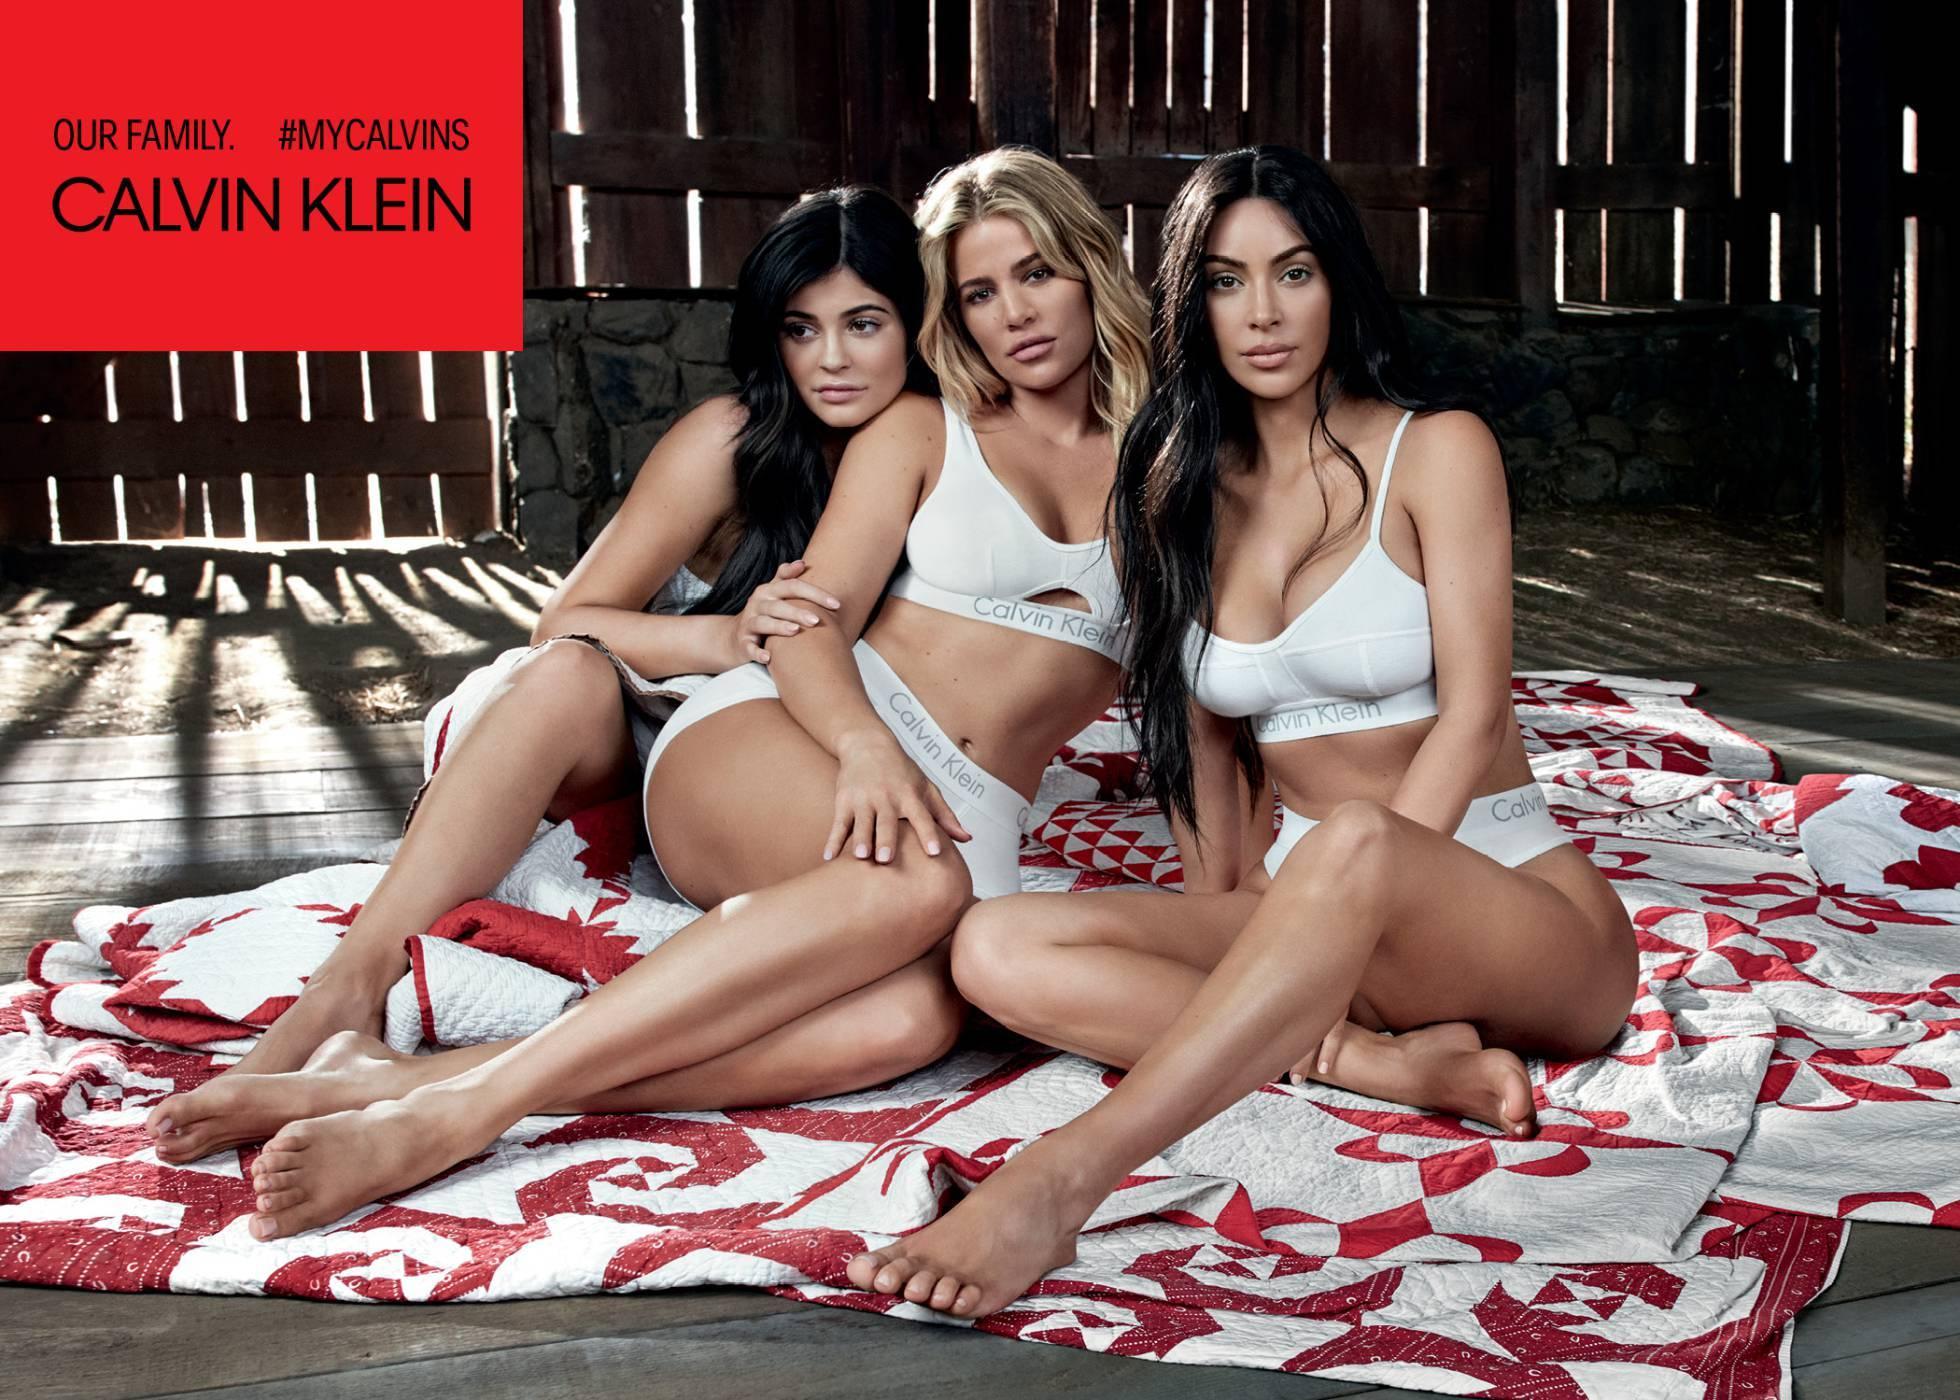 Kylie Jenner y Khloé y Kim Kardashian en la campaña de Calvin Klein.